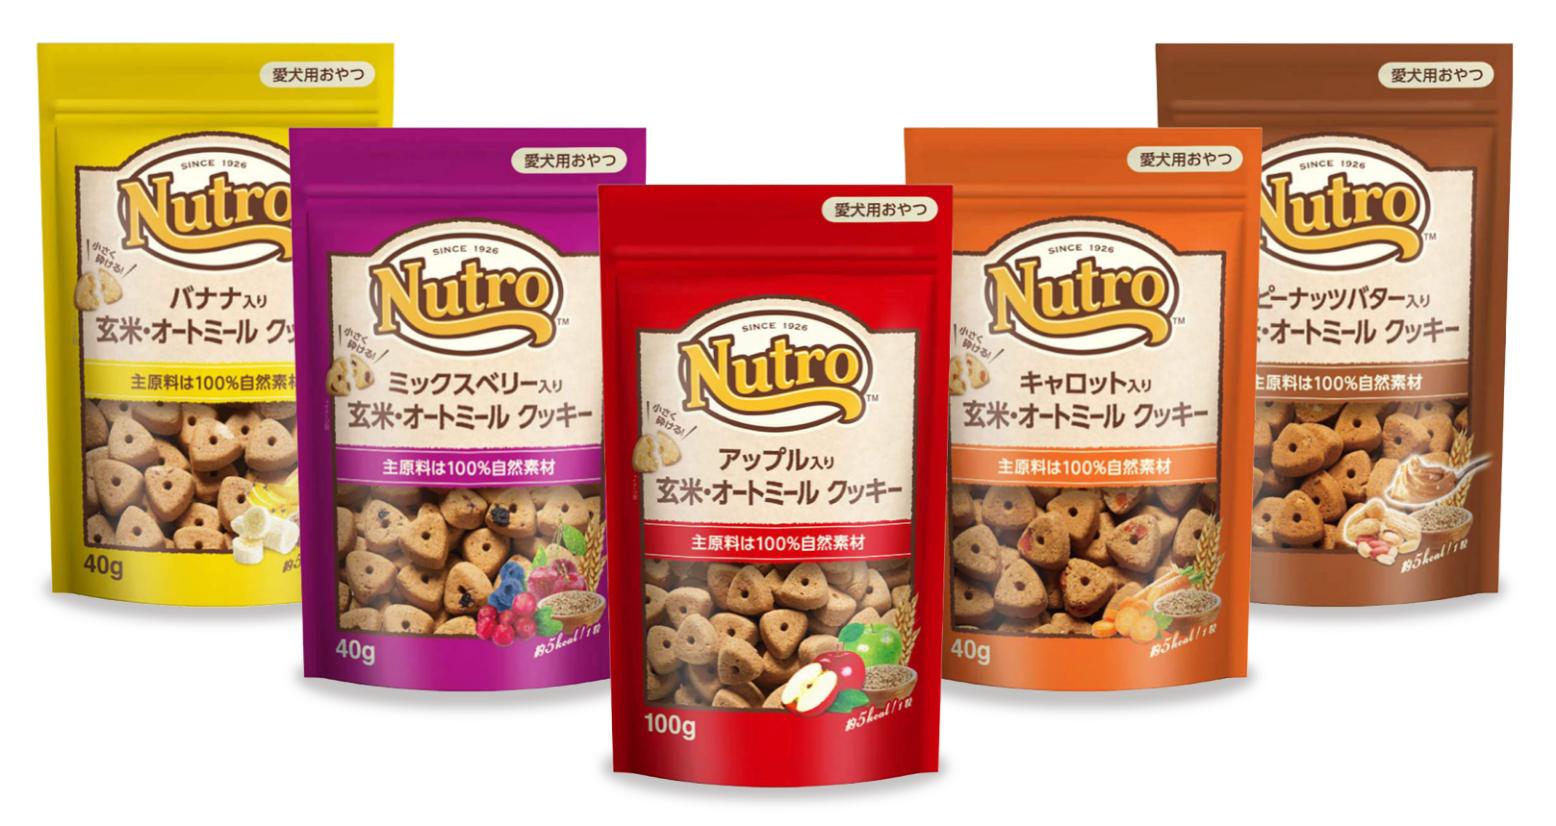 Mars Japan Limited